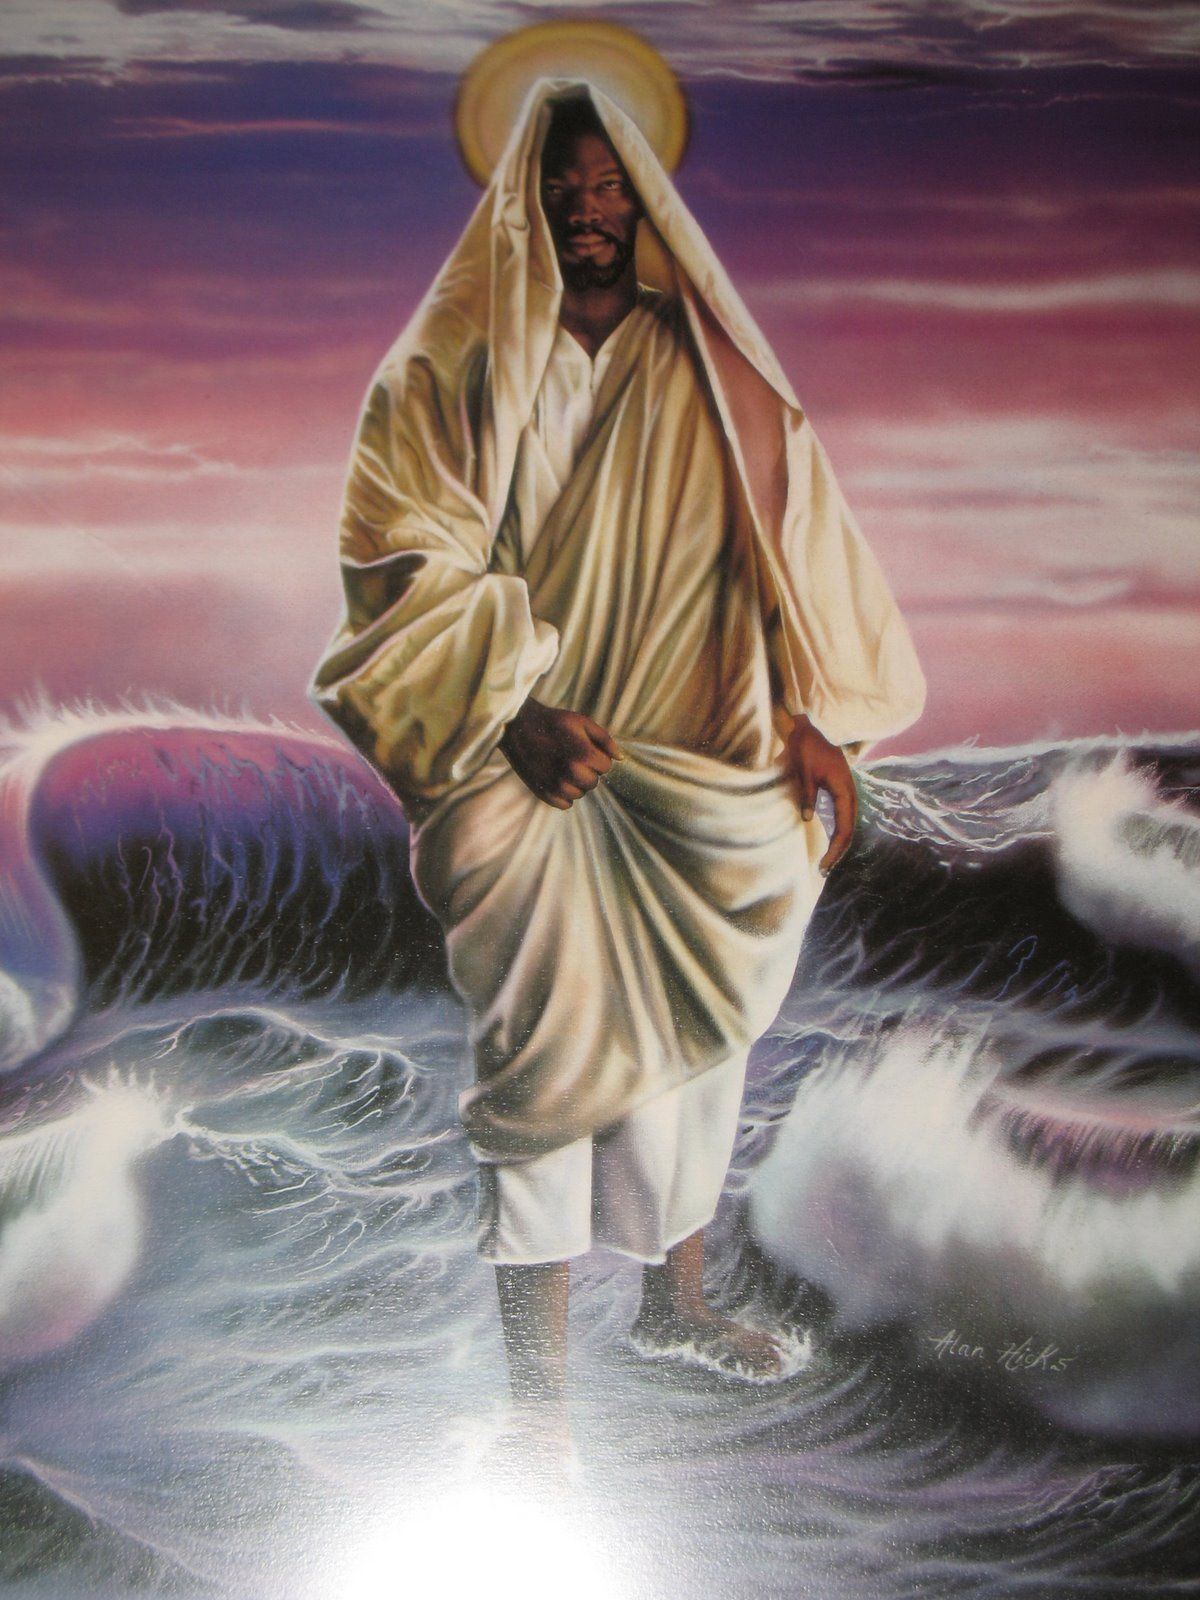 Black Jesus King Of Kings Black Jesus Christ Walking On Water Black Jesus Black Jesus Pictures Jesus Walk On Water